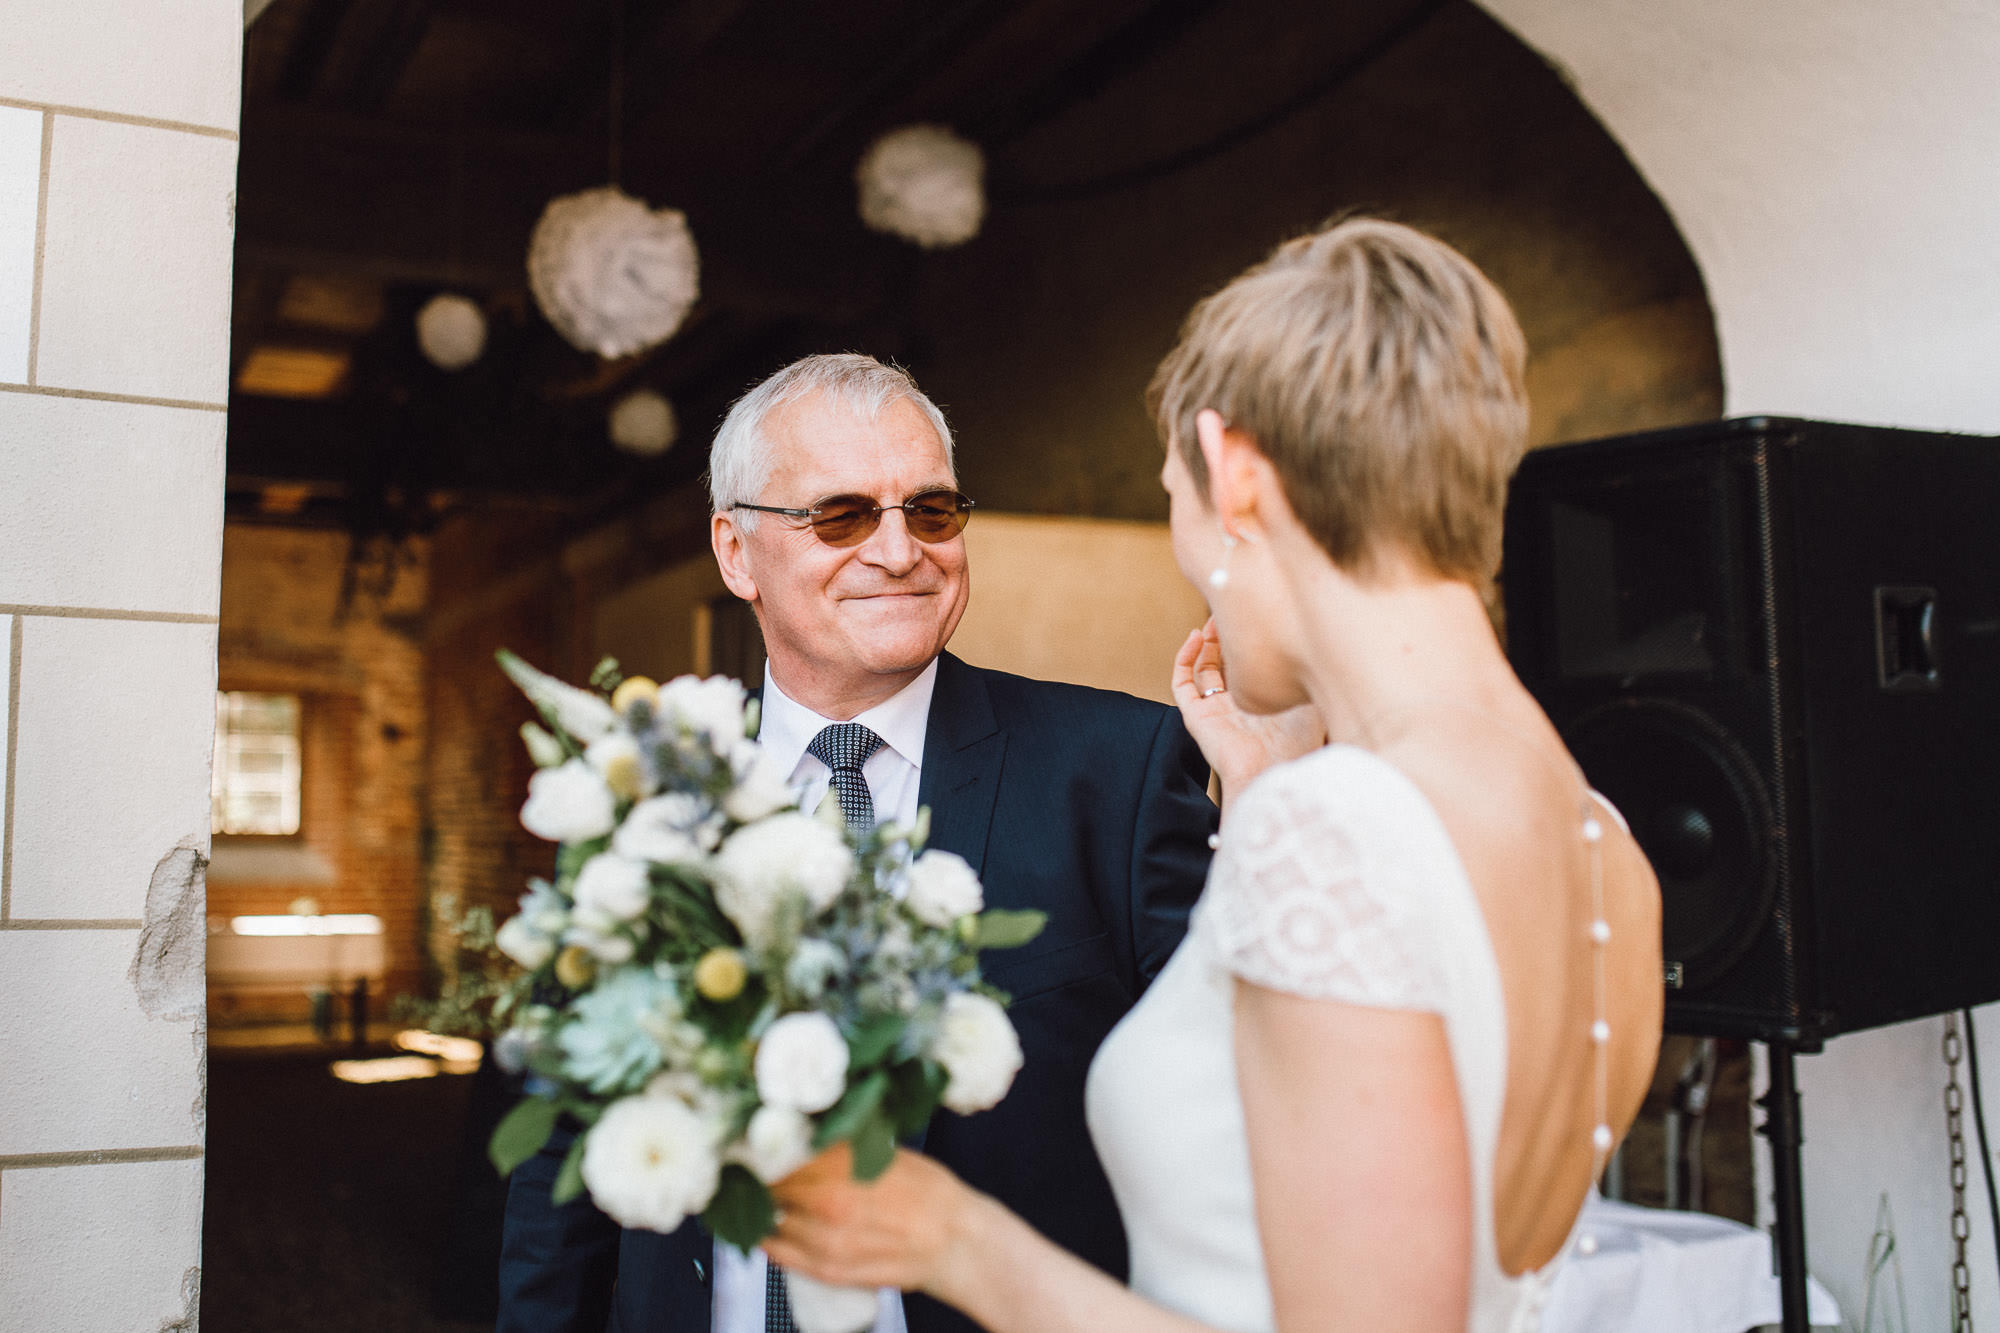 greenery-wedding-hochzeit-prielhof-sukkulenten-scheyern-lauraelenaphotography-070